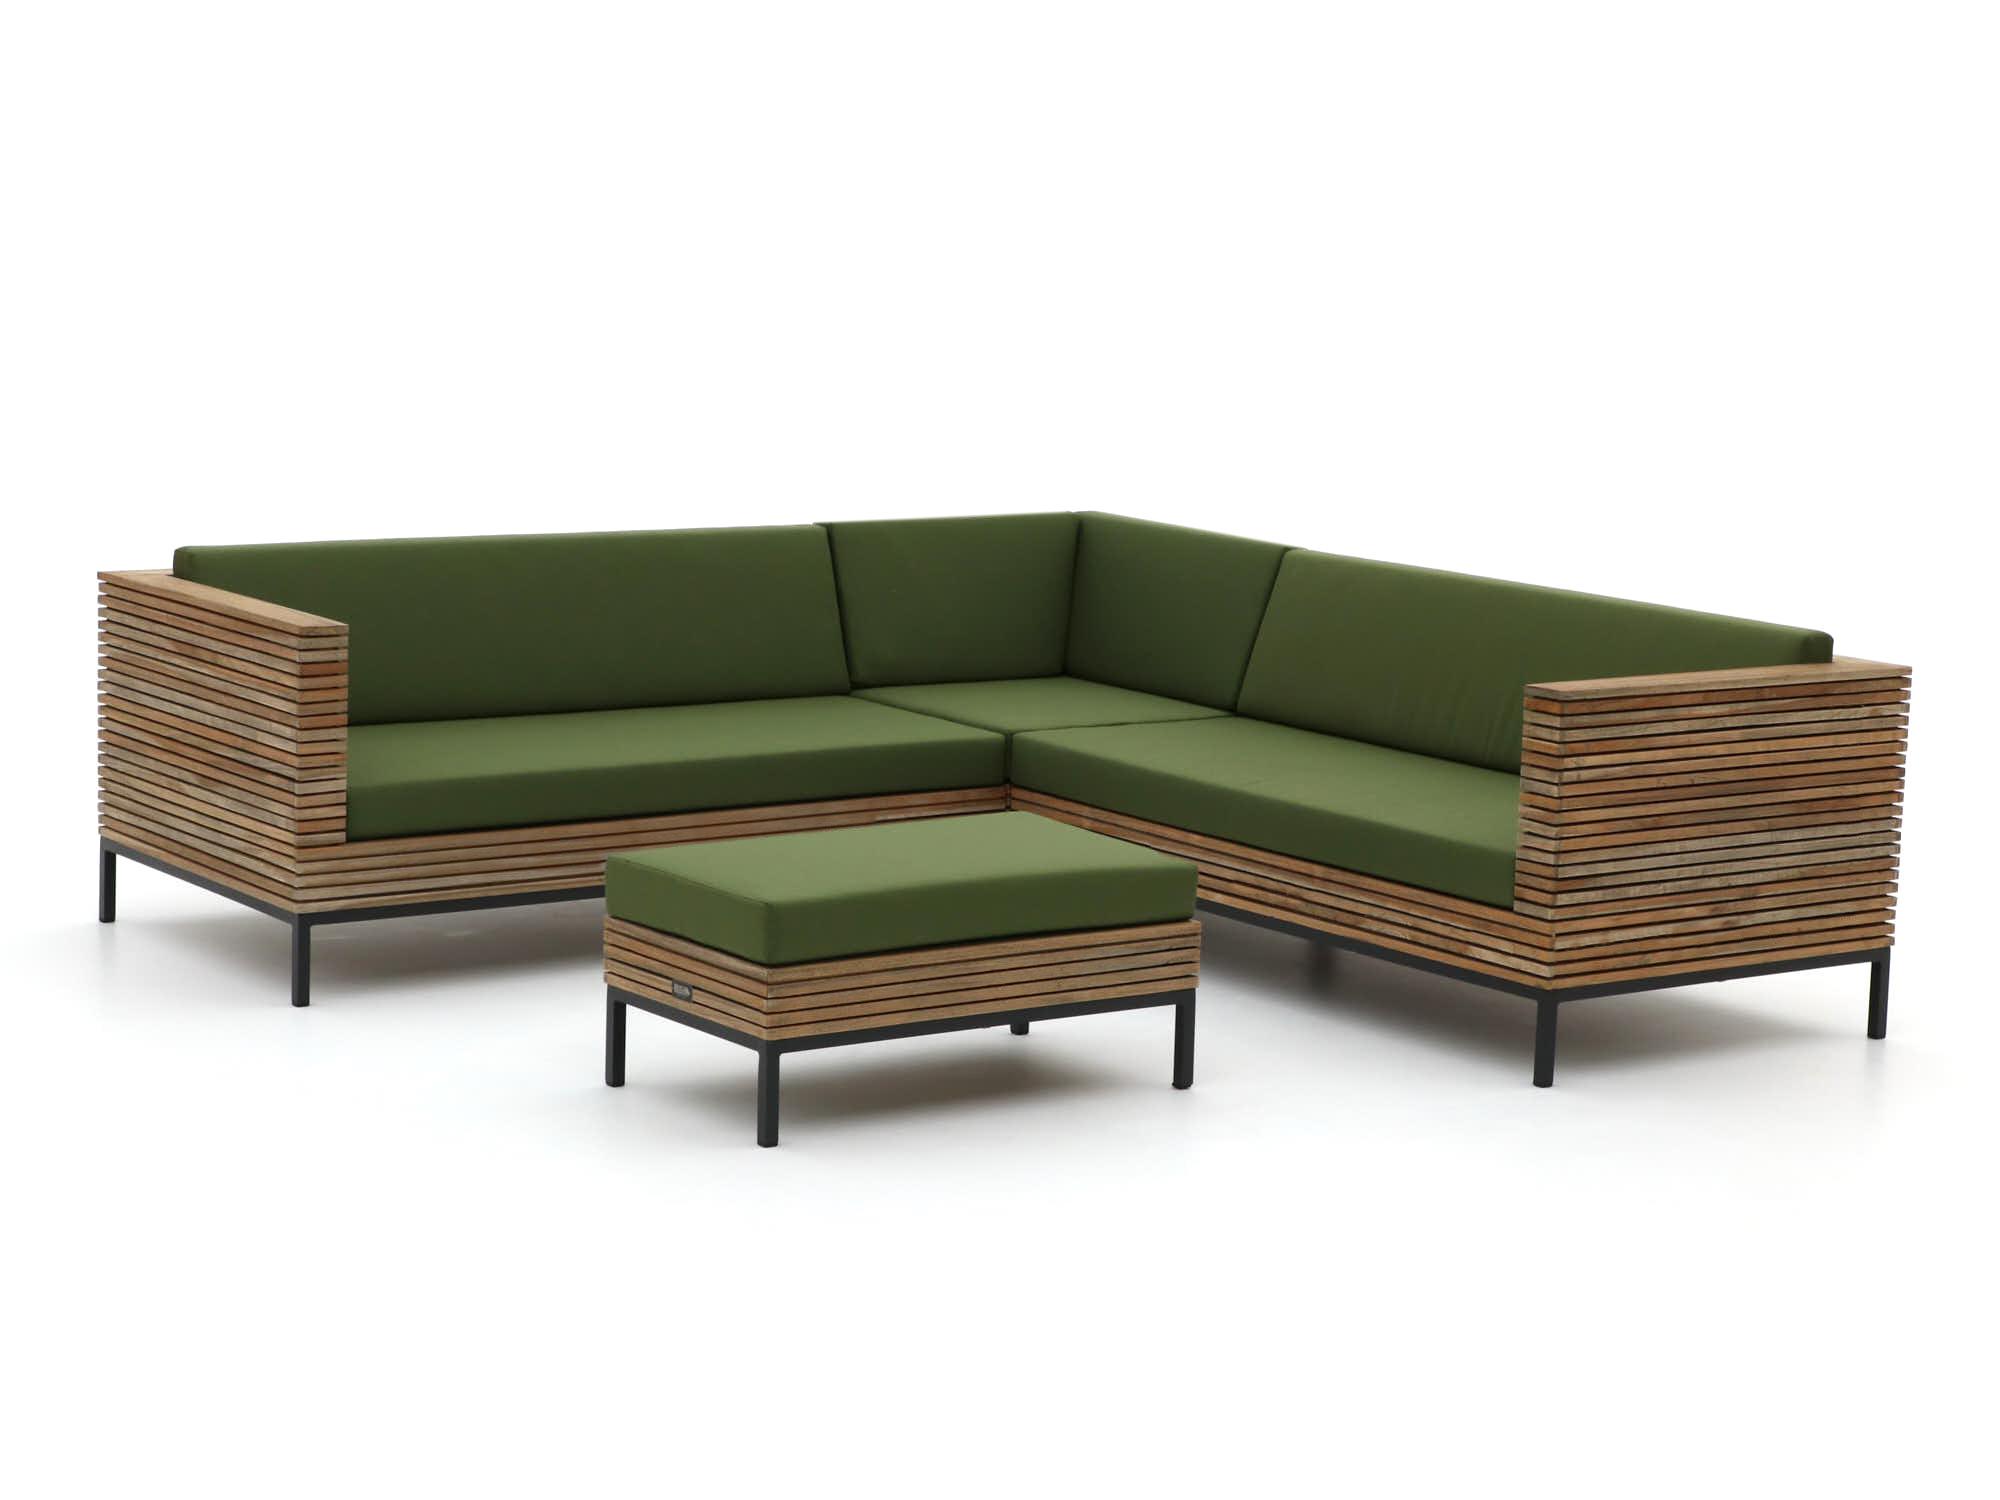 ROUGH-D hoek loungeset 4-delig - Laagste prijsgarantie!